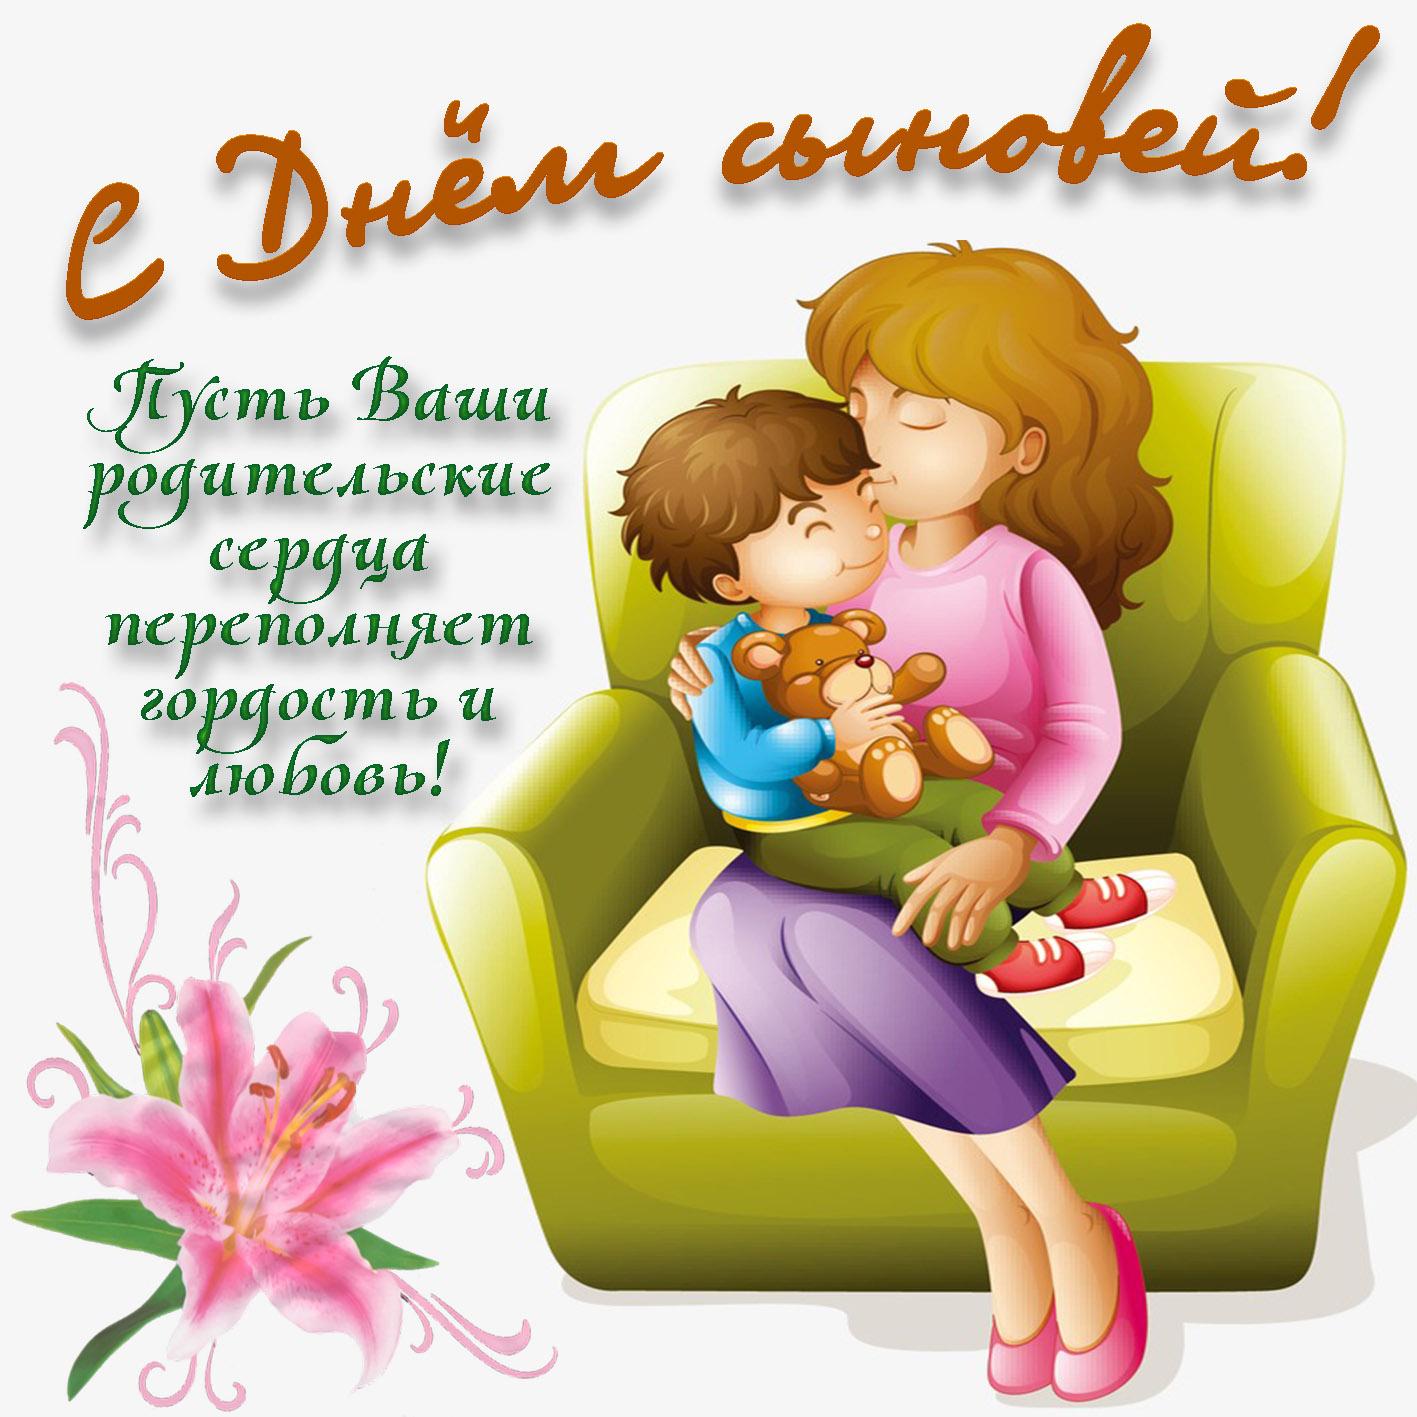 Днем марта, с днем сыновей поздравления маме картинки